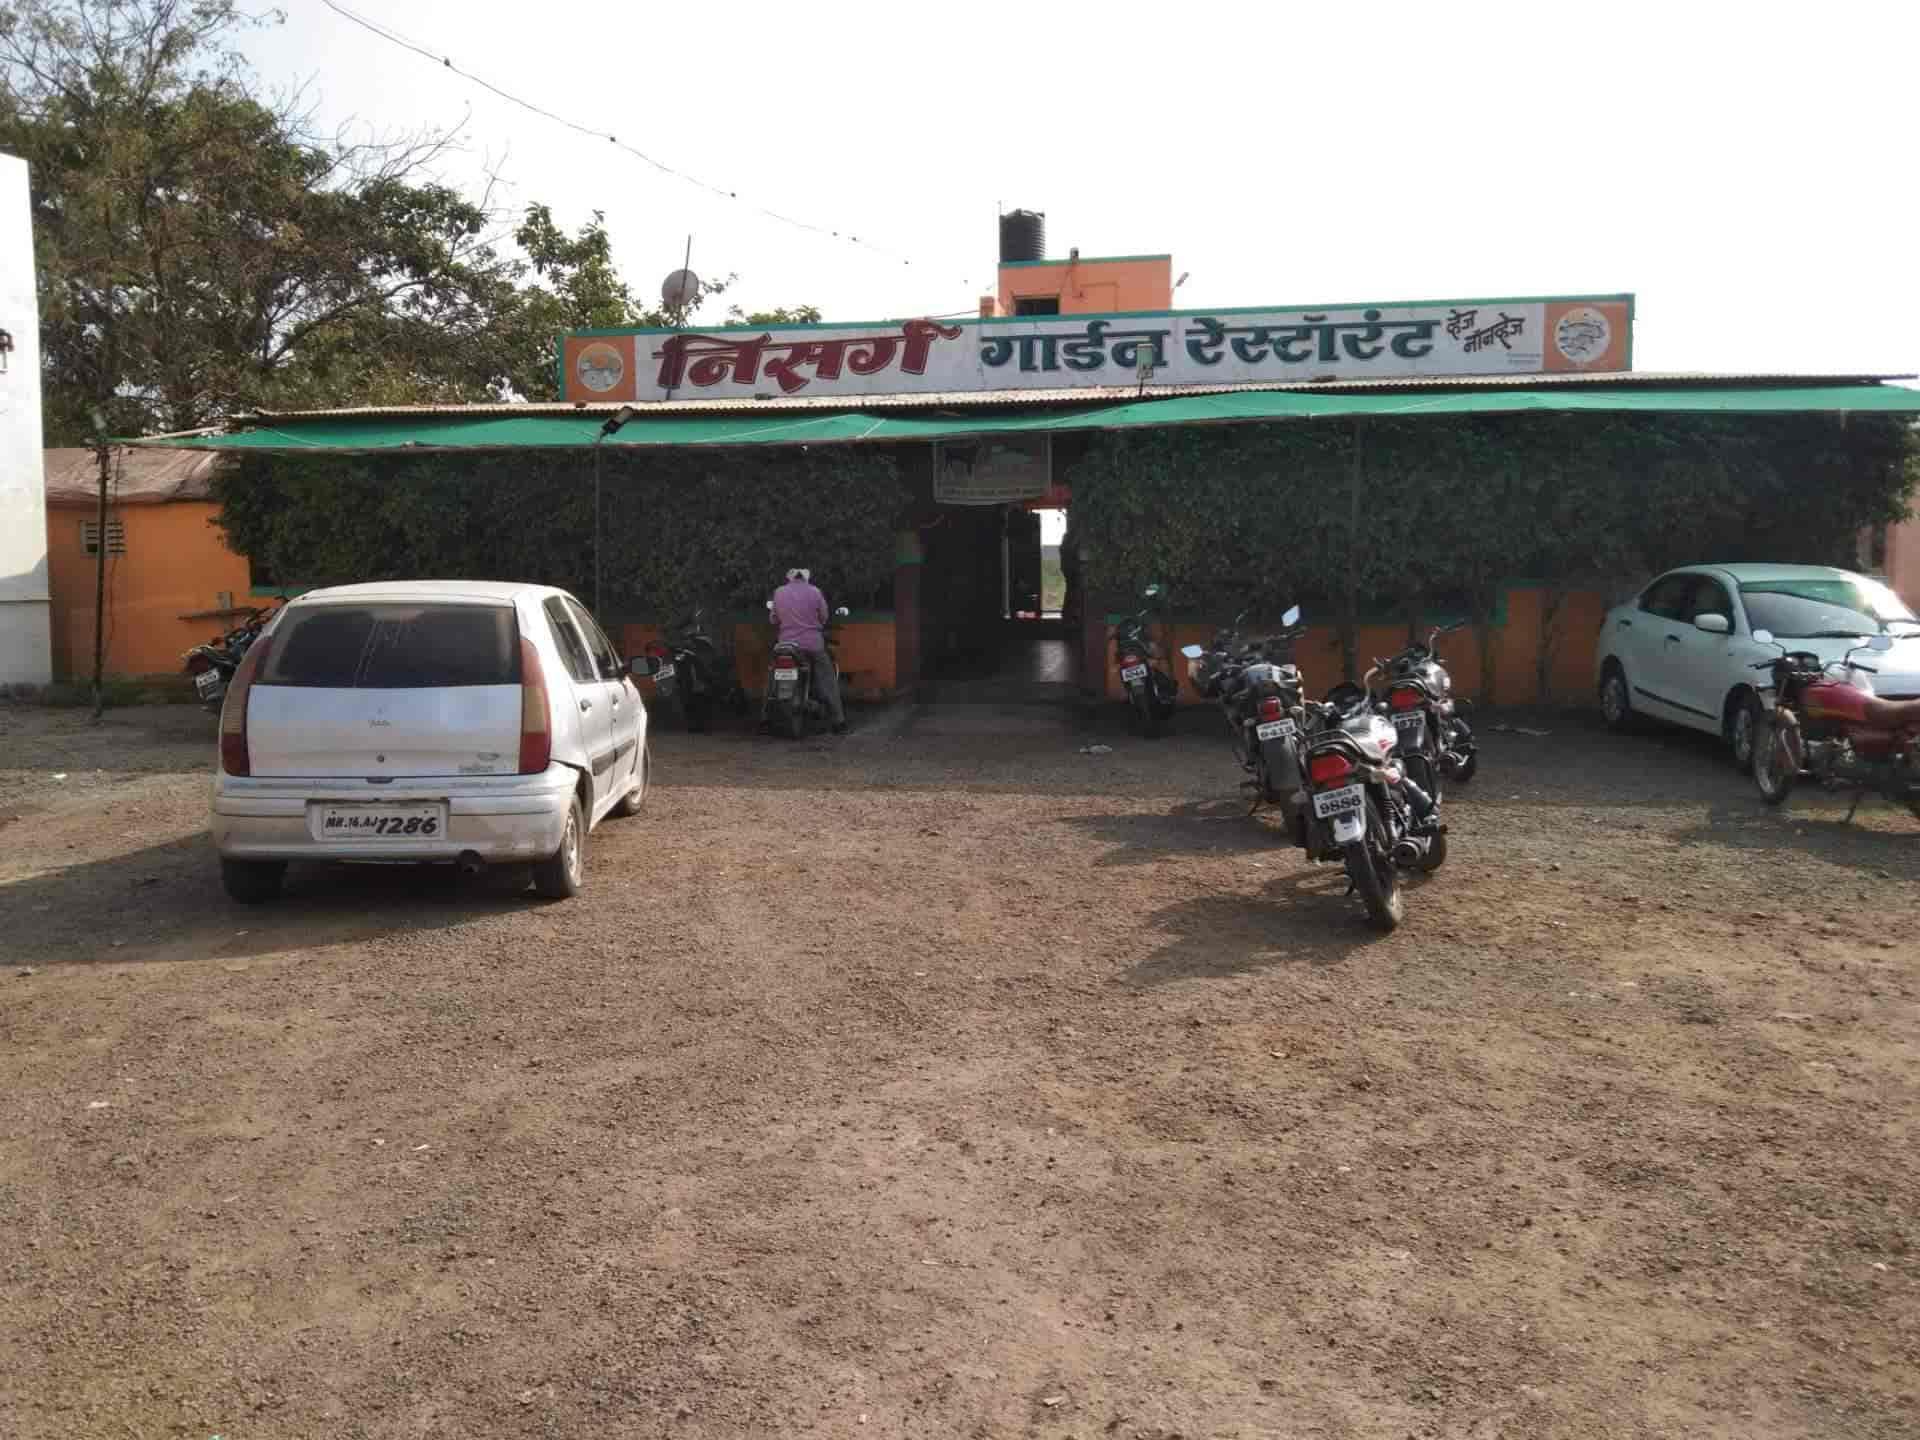 Best Restaurants In Shrigonda Ahmednagar Top Veg Non Veg Restaurants Order Food Online Justdial